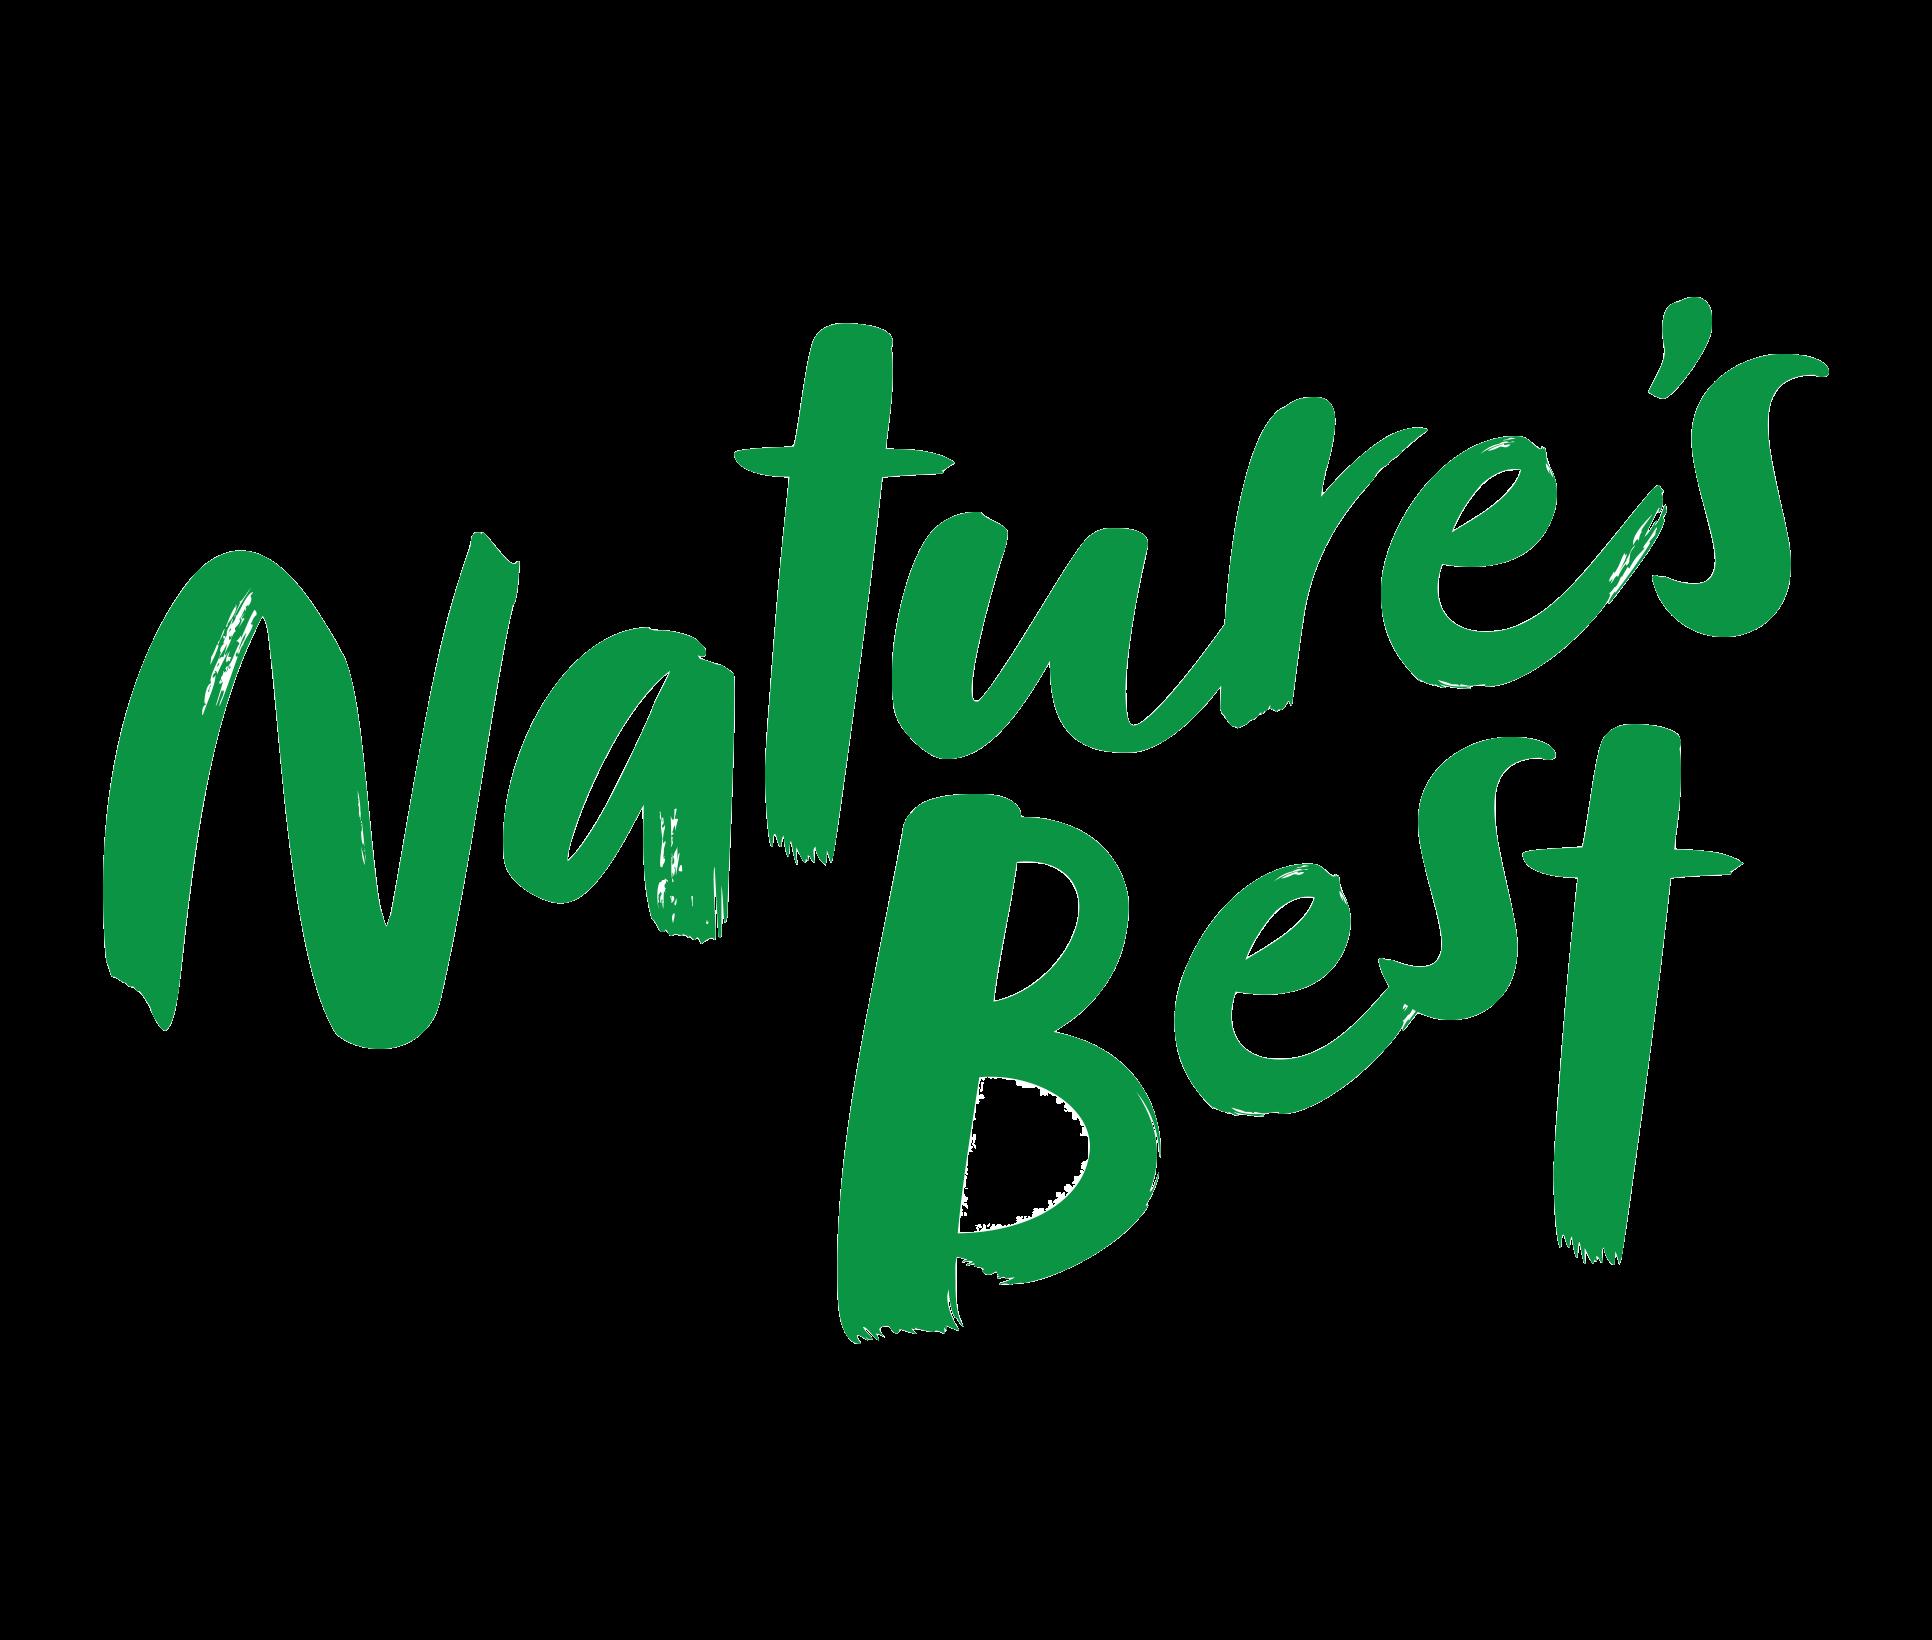 Naturesbest green